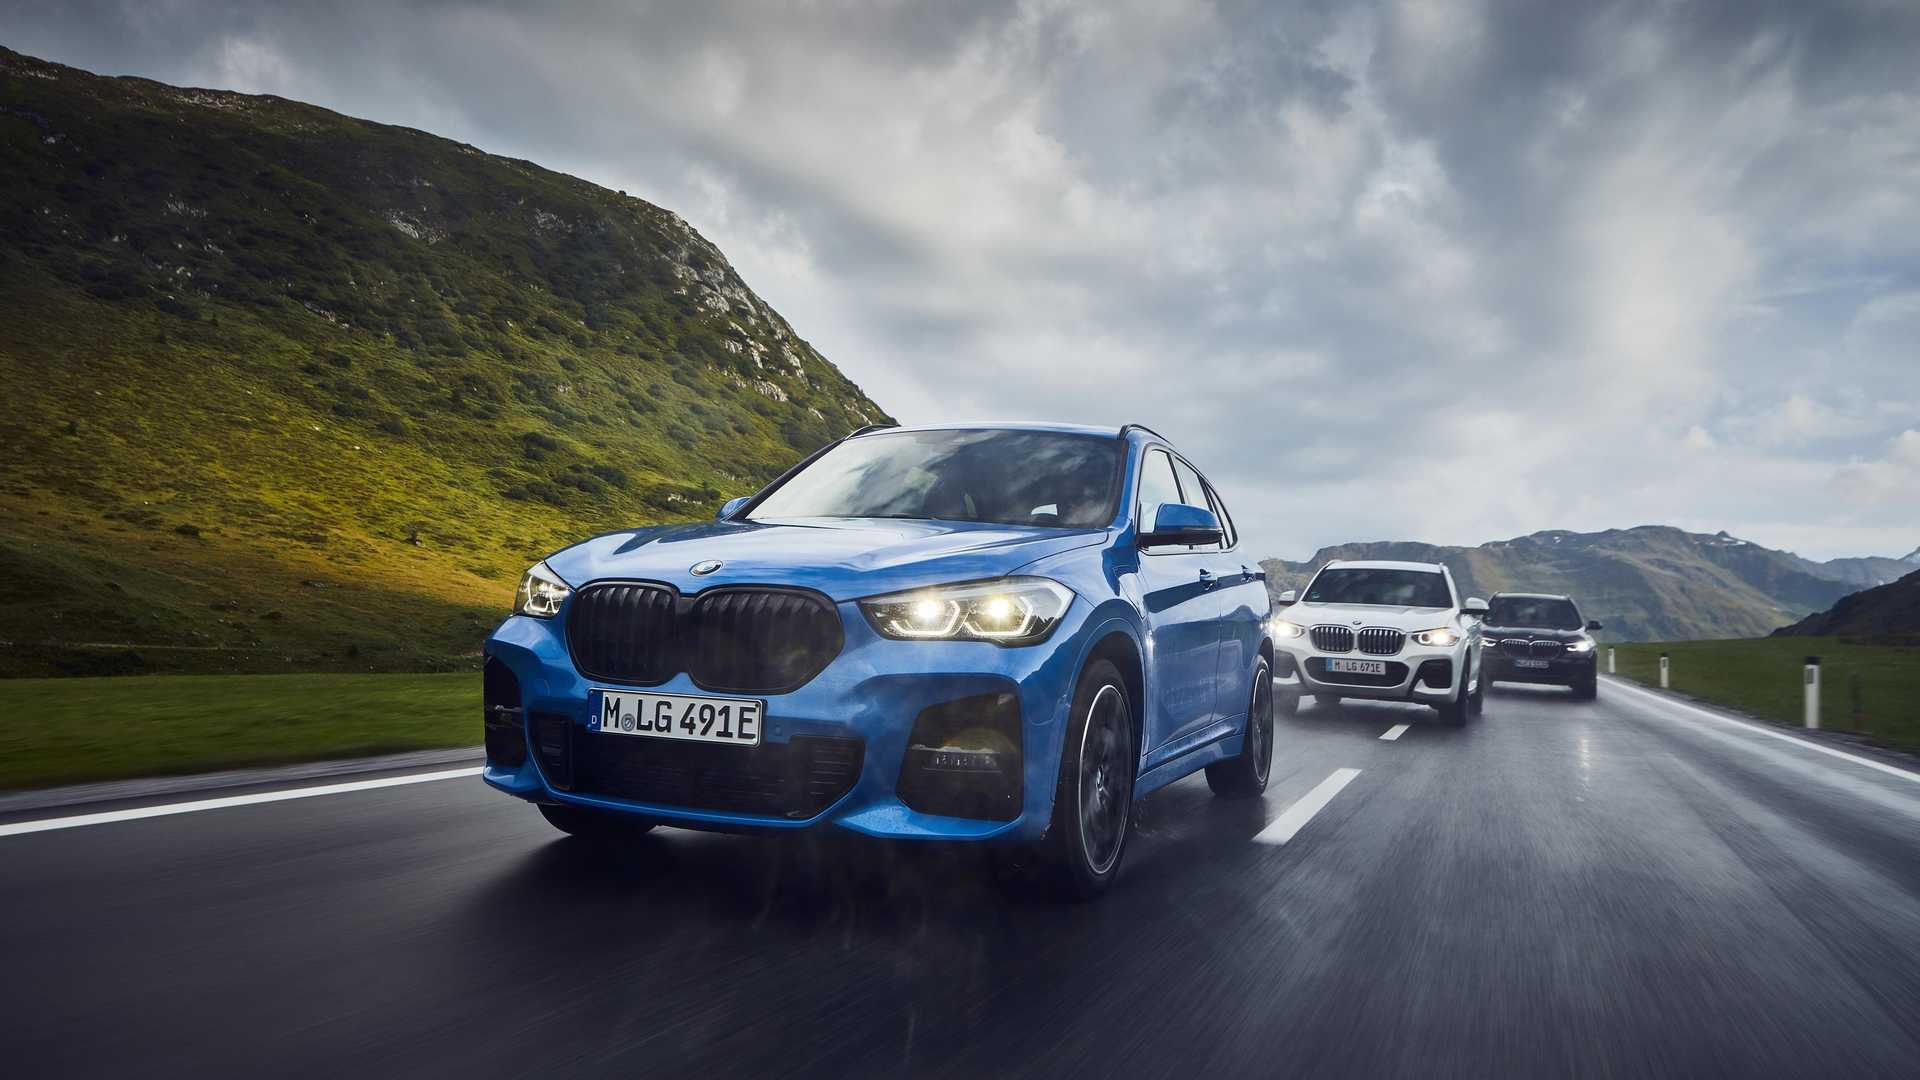 خودروی ب ام و X3 xDrive30e، اتومبیل کارامد و جذاب BMW + تصاویر